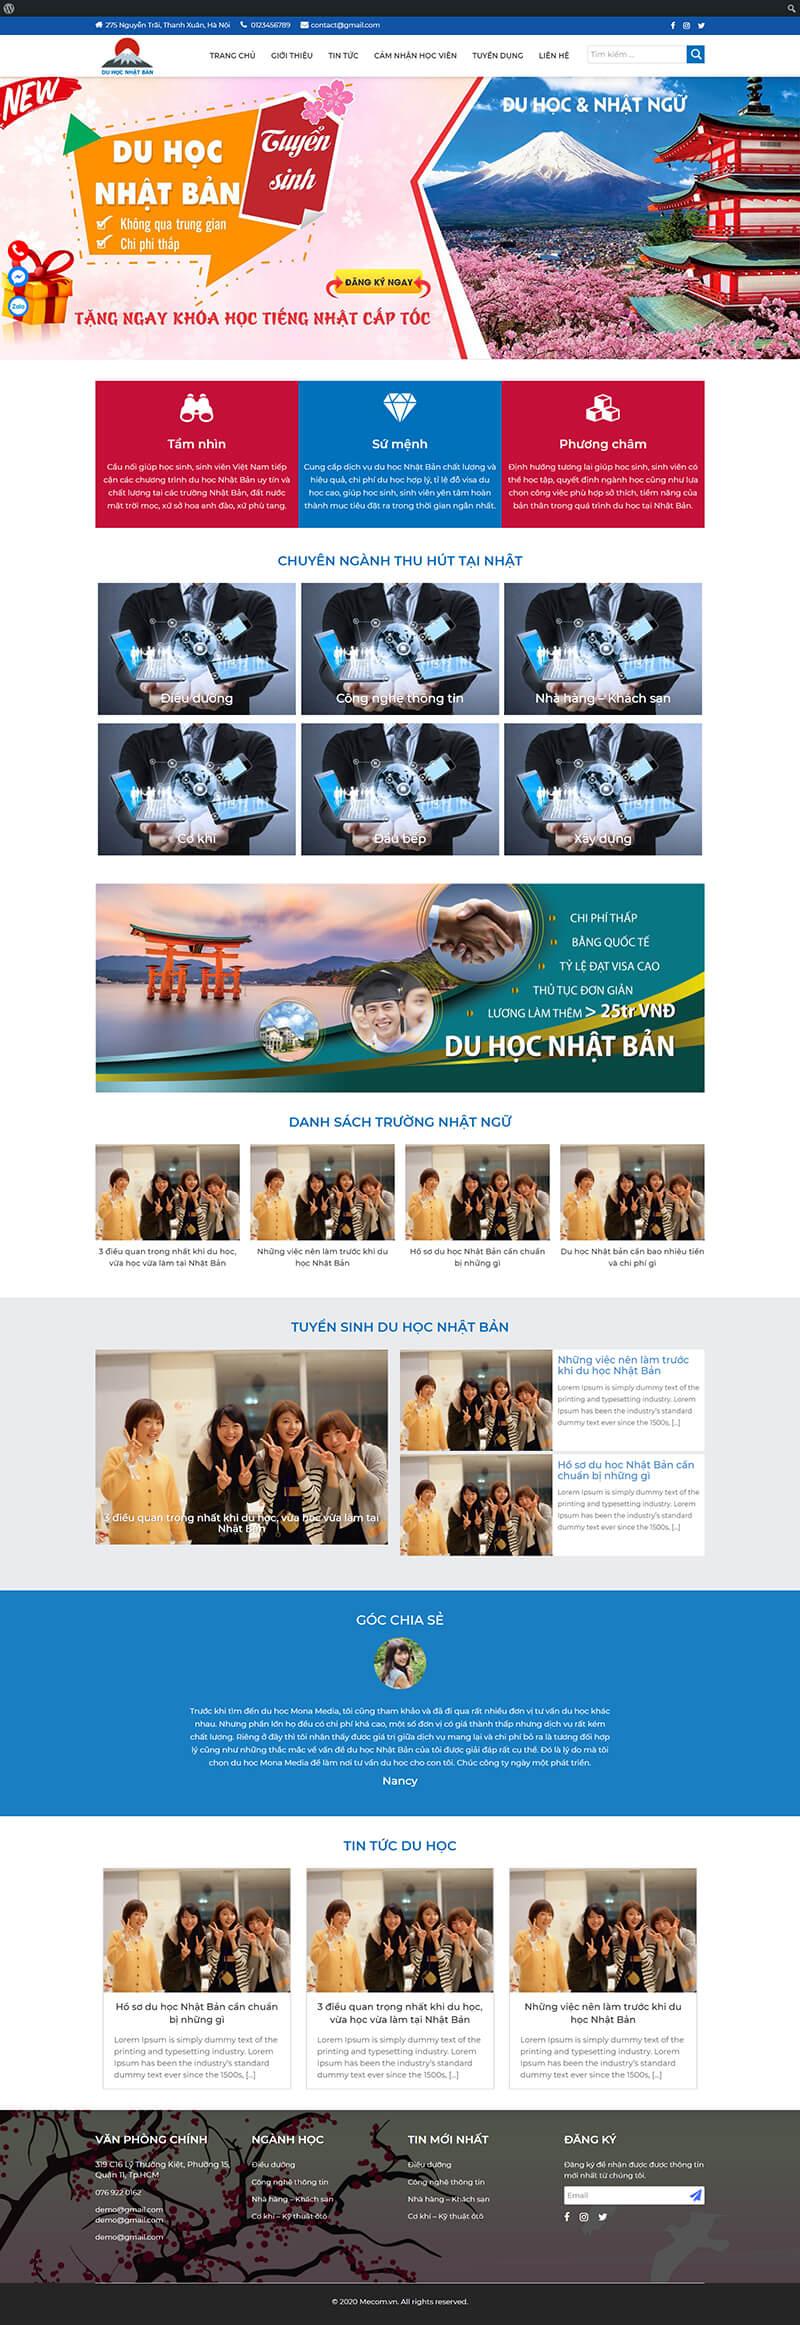 Thiết kế web du học Nhật Bản